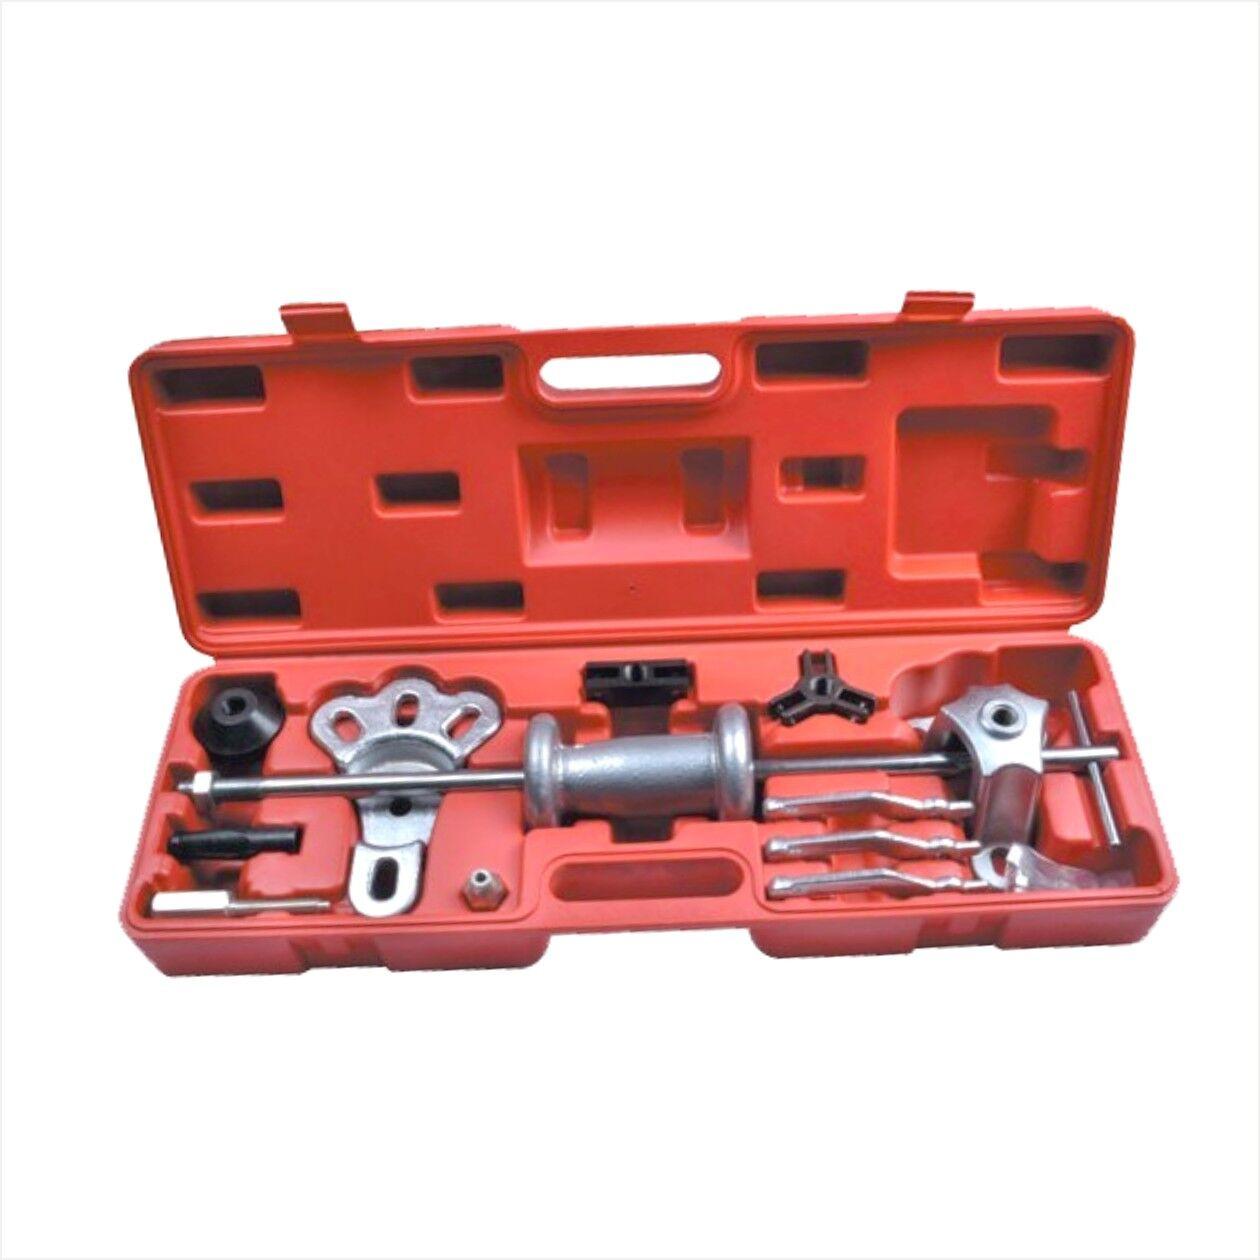 FreeTec Juego de extractor de cojinetes silenciosos para quitar el cojinete del cojinete del buje